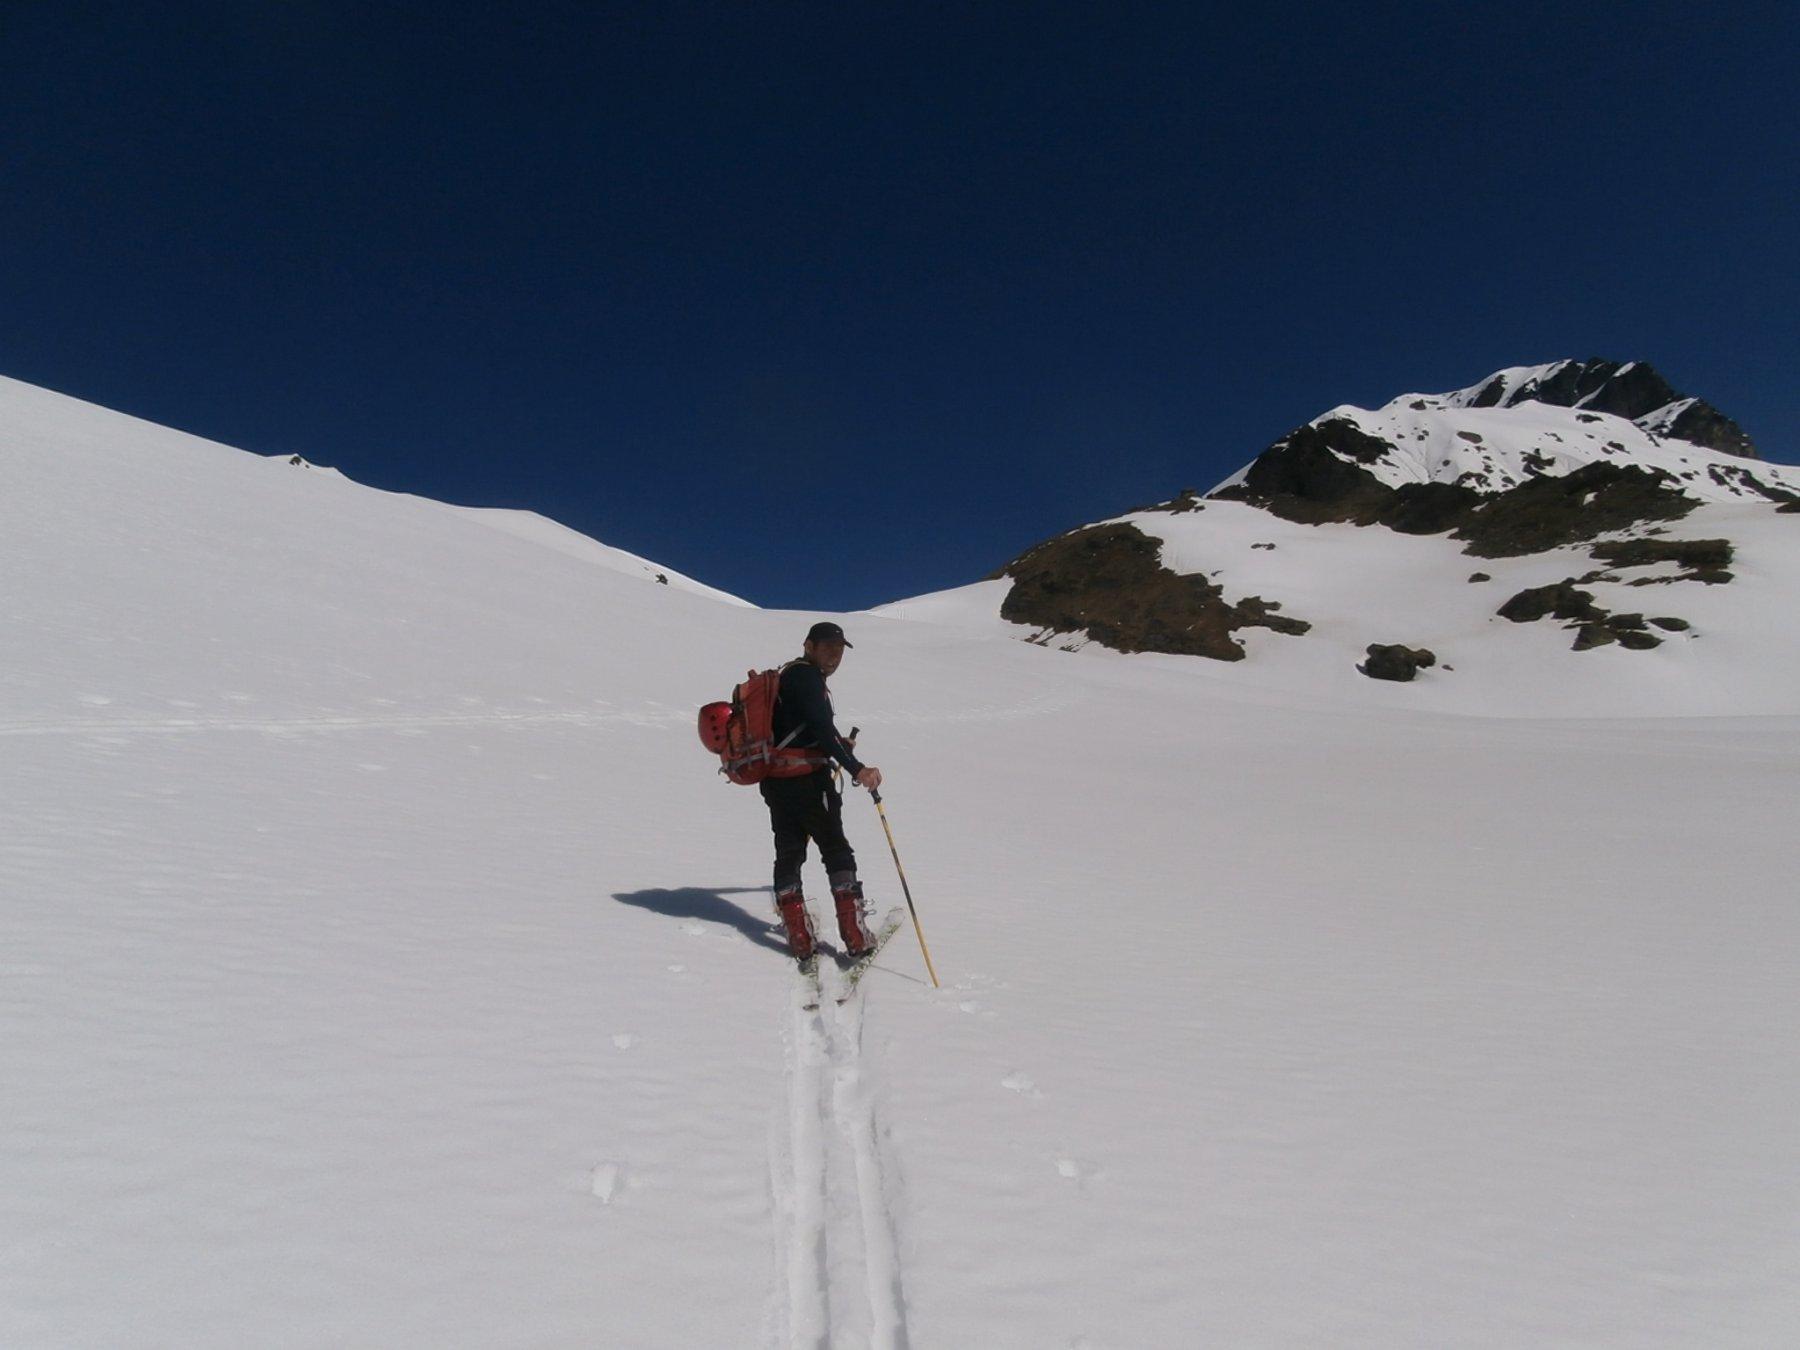 verso quota 2500 dove iniziava la neve fresca ma sfondosa...